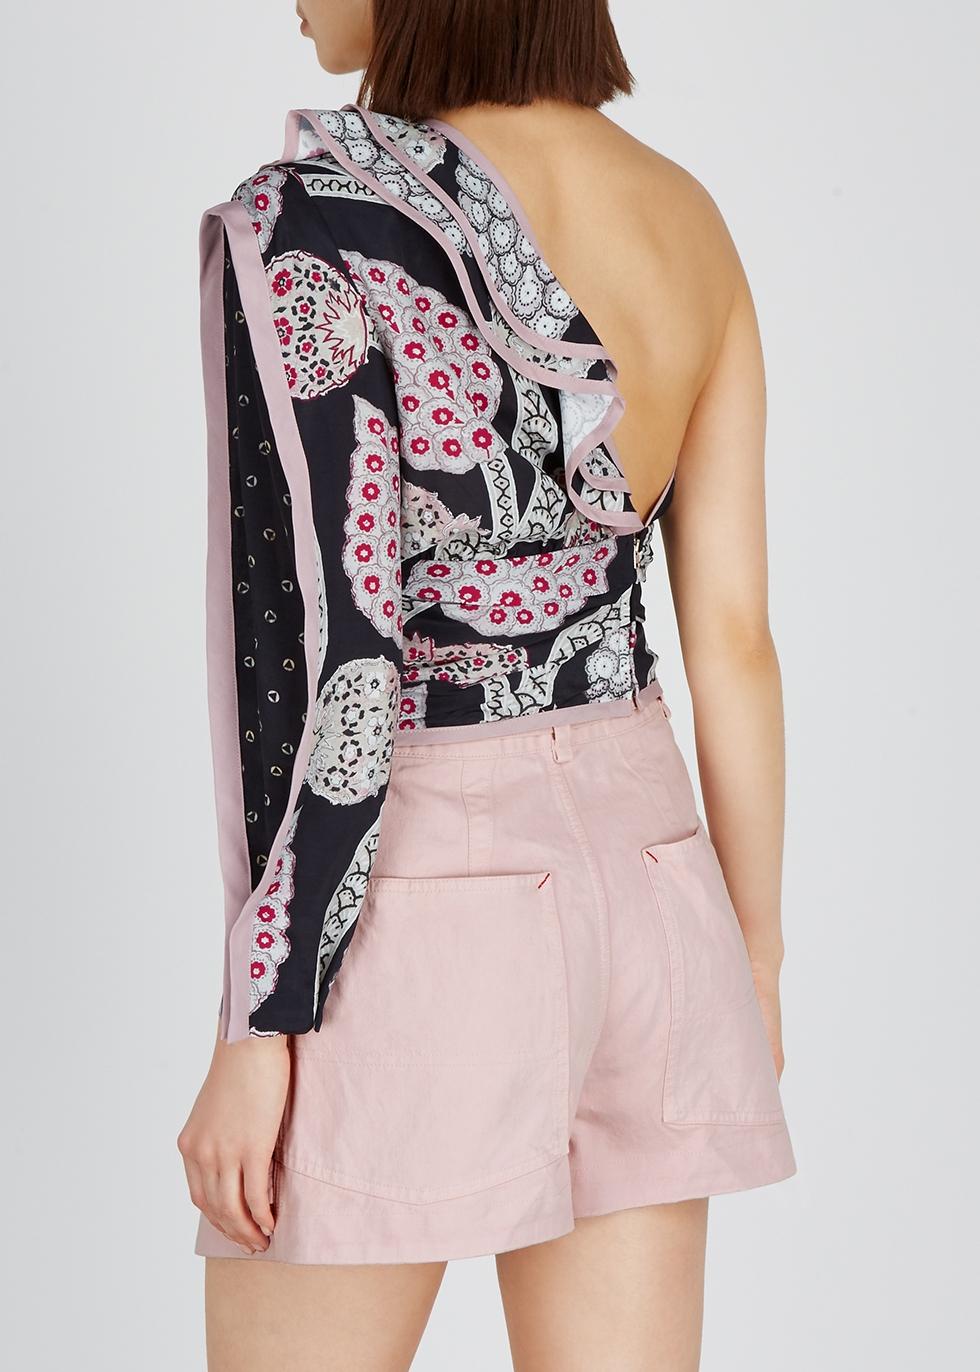 Joren printed one-shoulder top - Isabel Marant